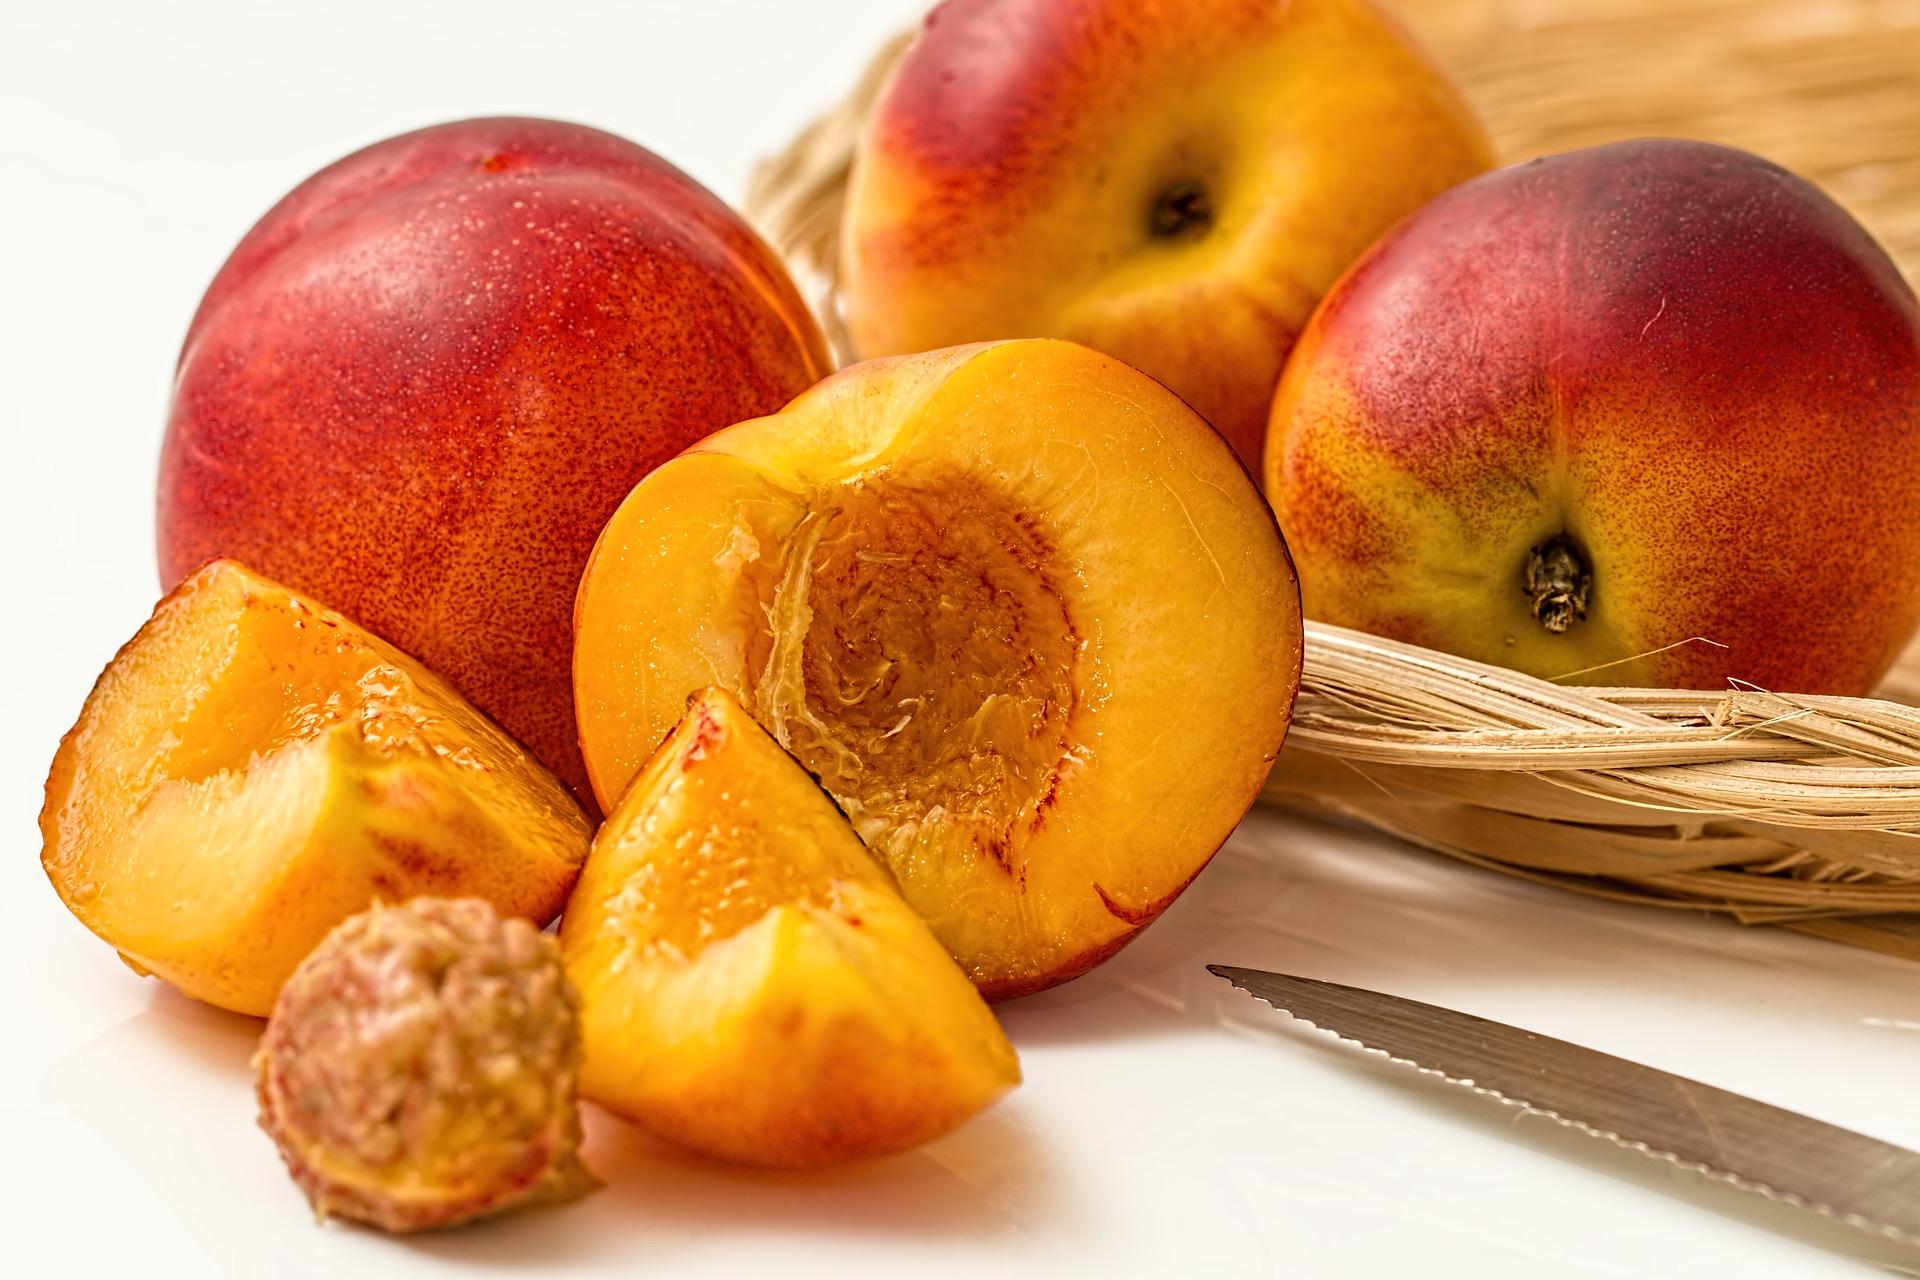 Diferencias entre durazno, chabacano y nectarina